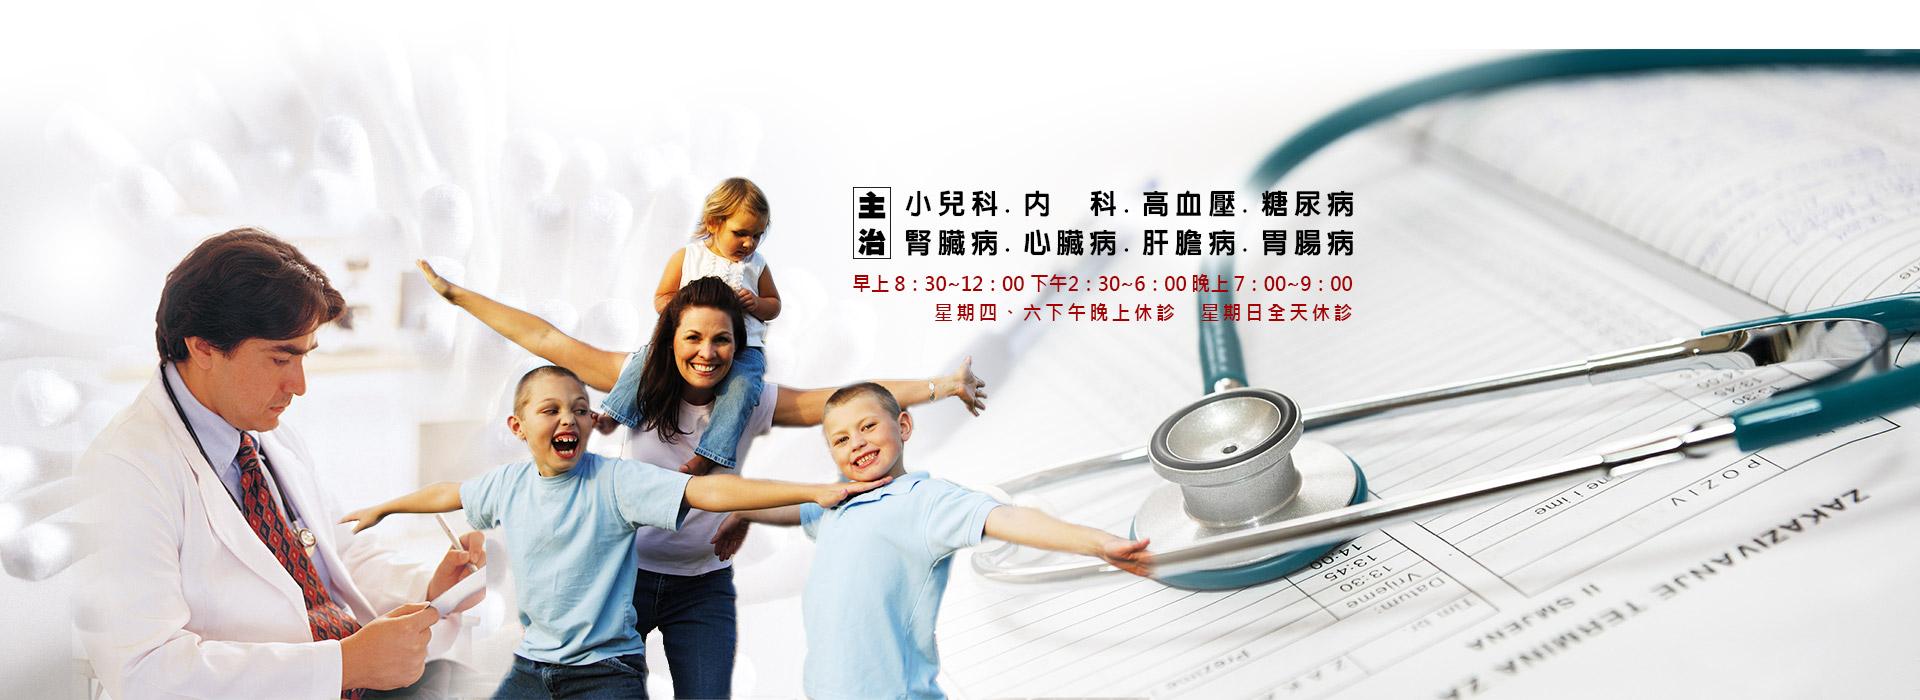 張鴻胃腸科內兒科診所